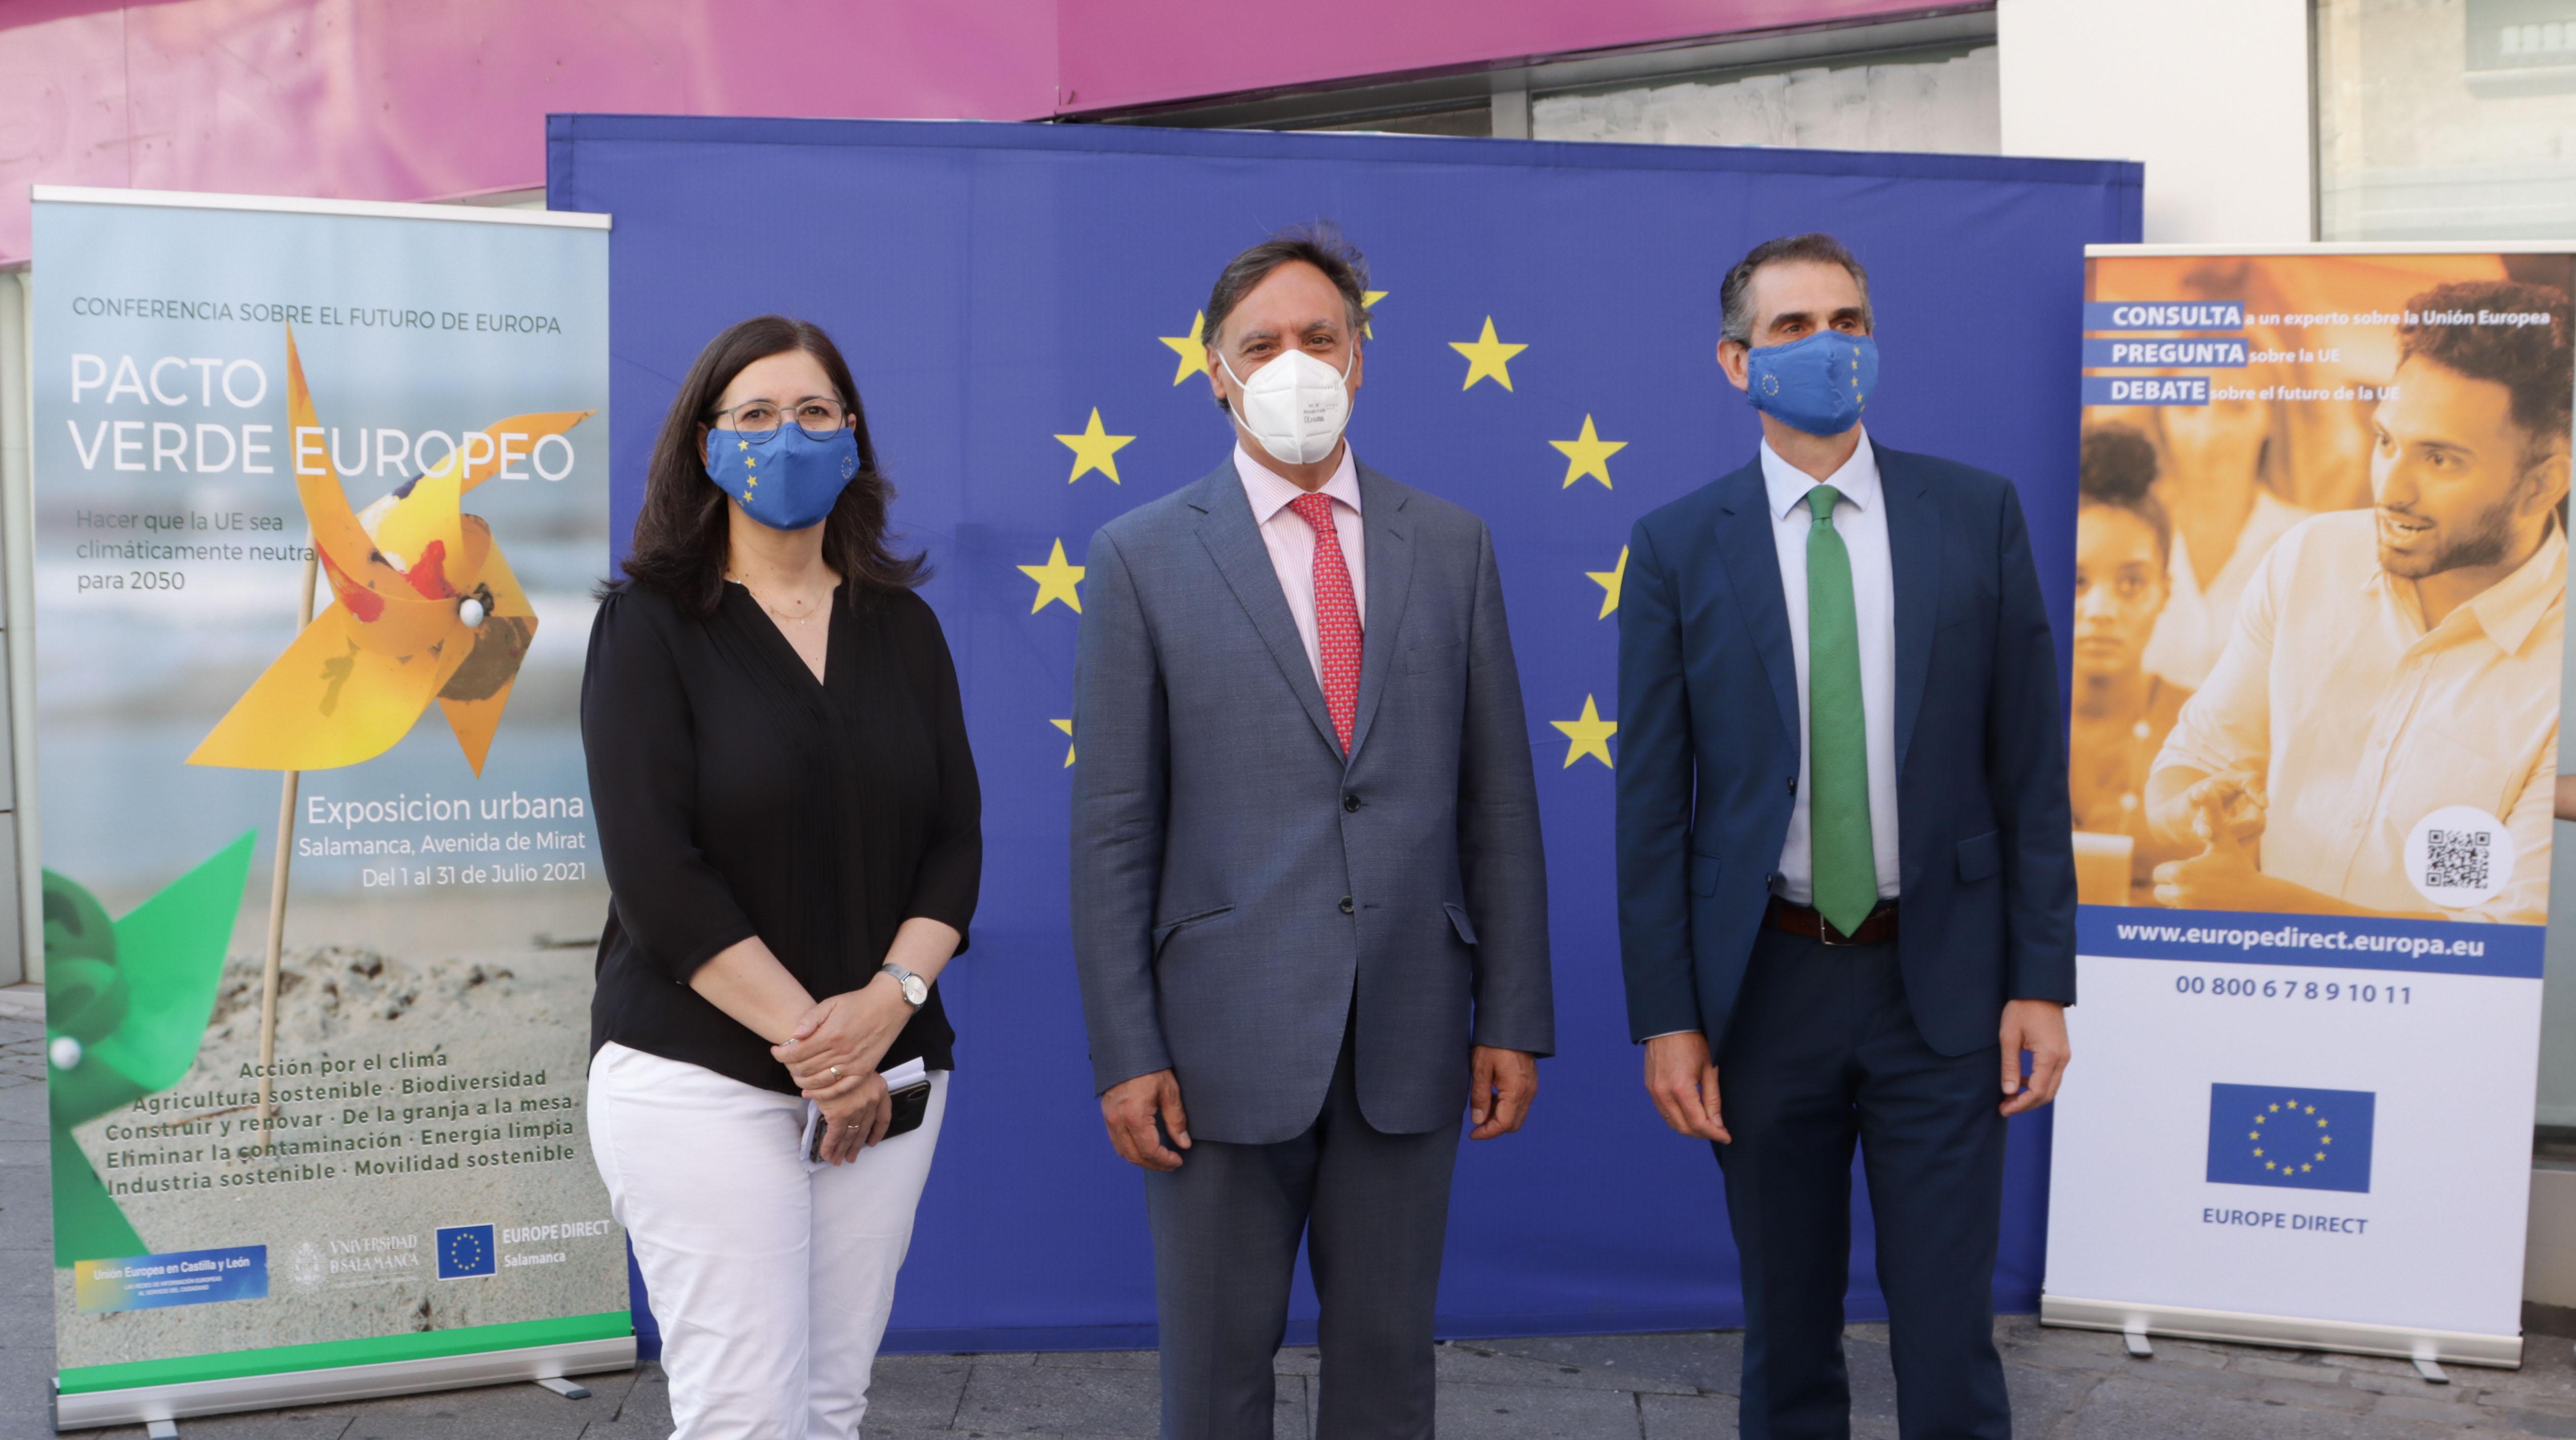 El Centro Europe Direct de la USAL promueve una exposición para concienciar a los ciudadanos sobre el pacto verde europeo